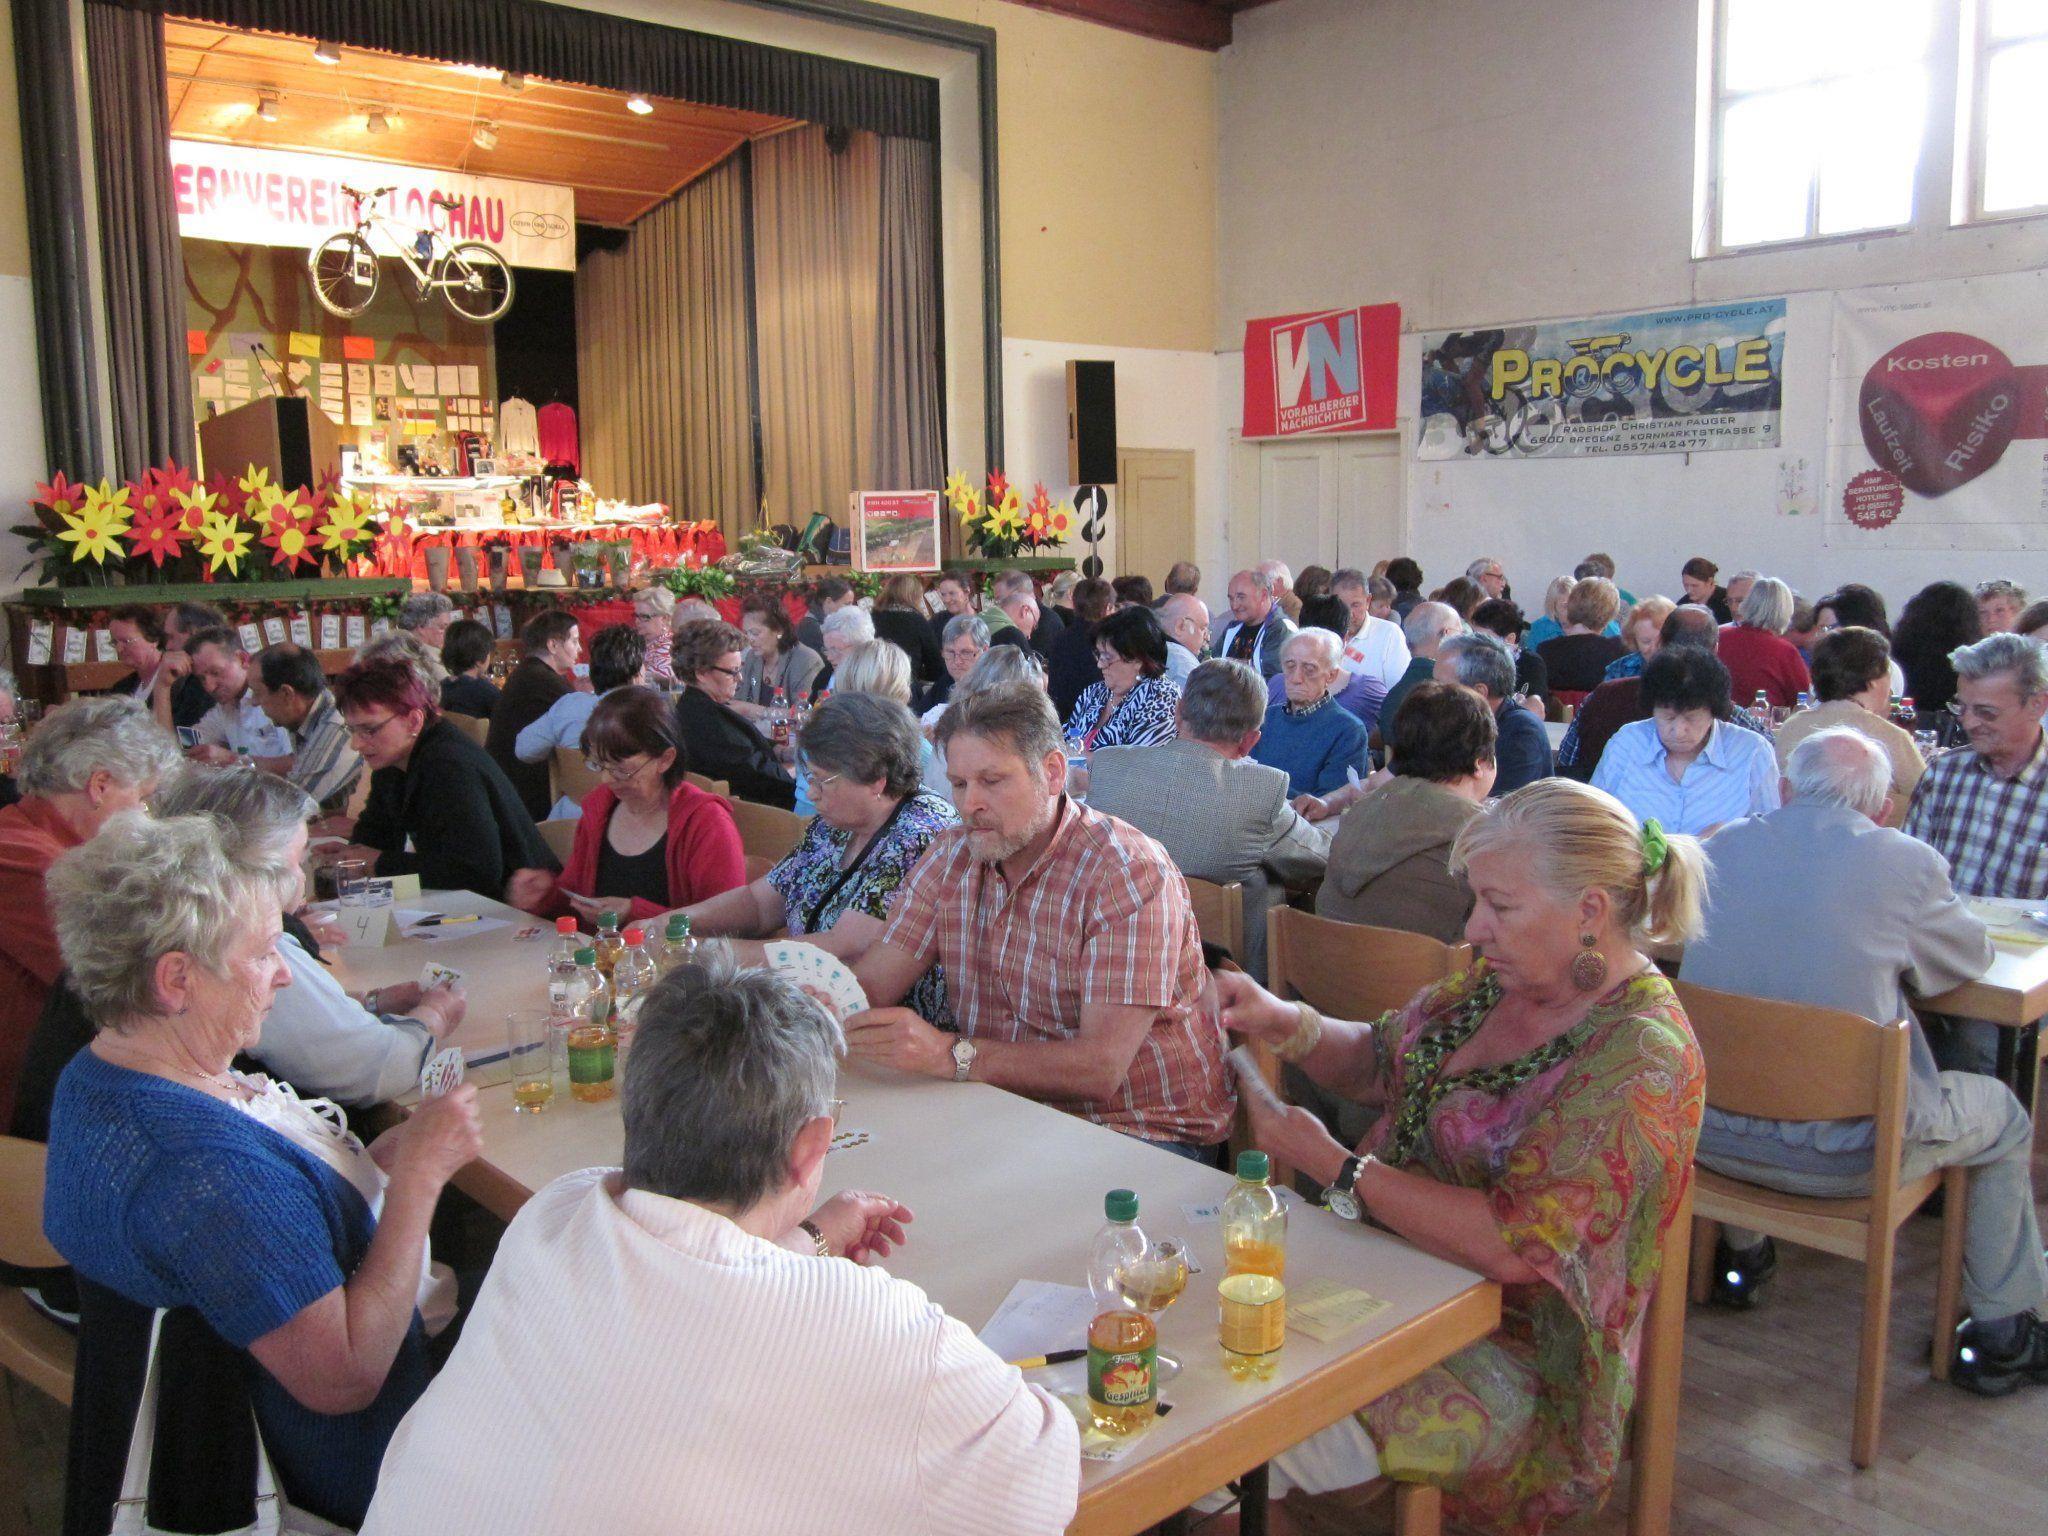 Jassvergnügen und tolle Preise beim Elternvereinspreisjassen in Lochau.